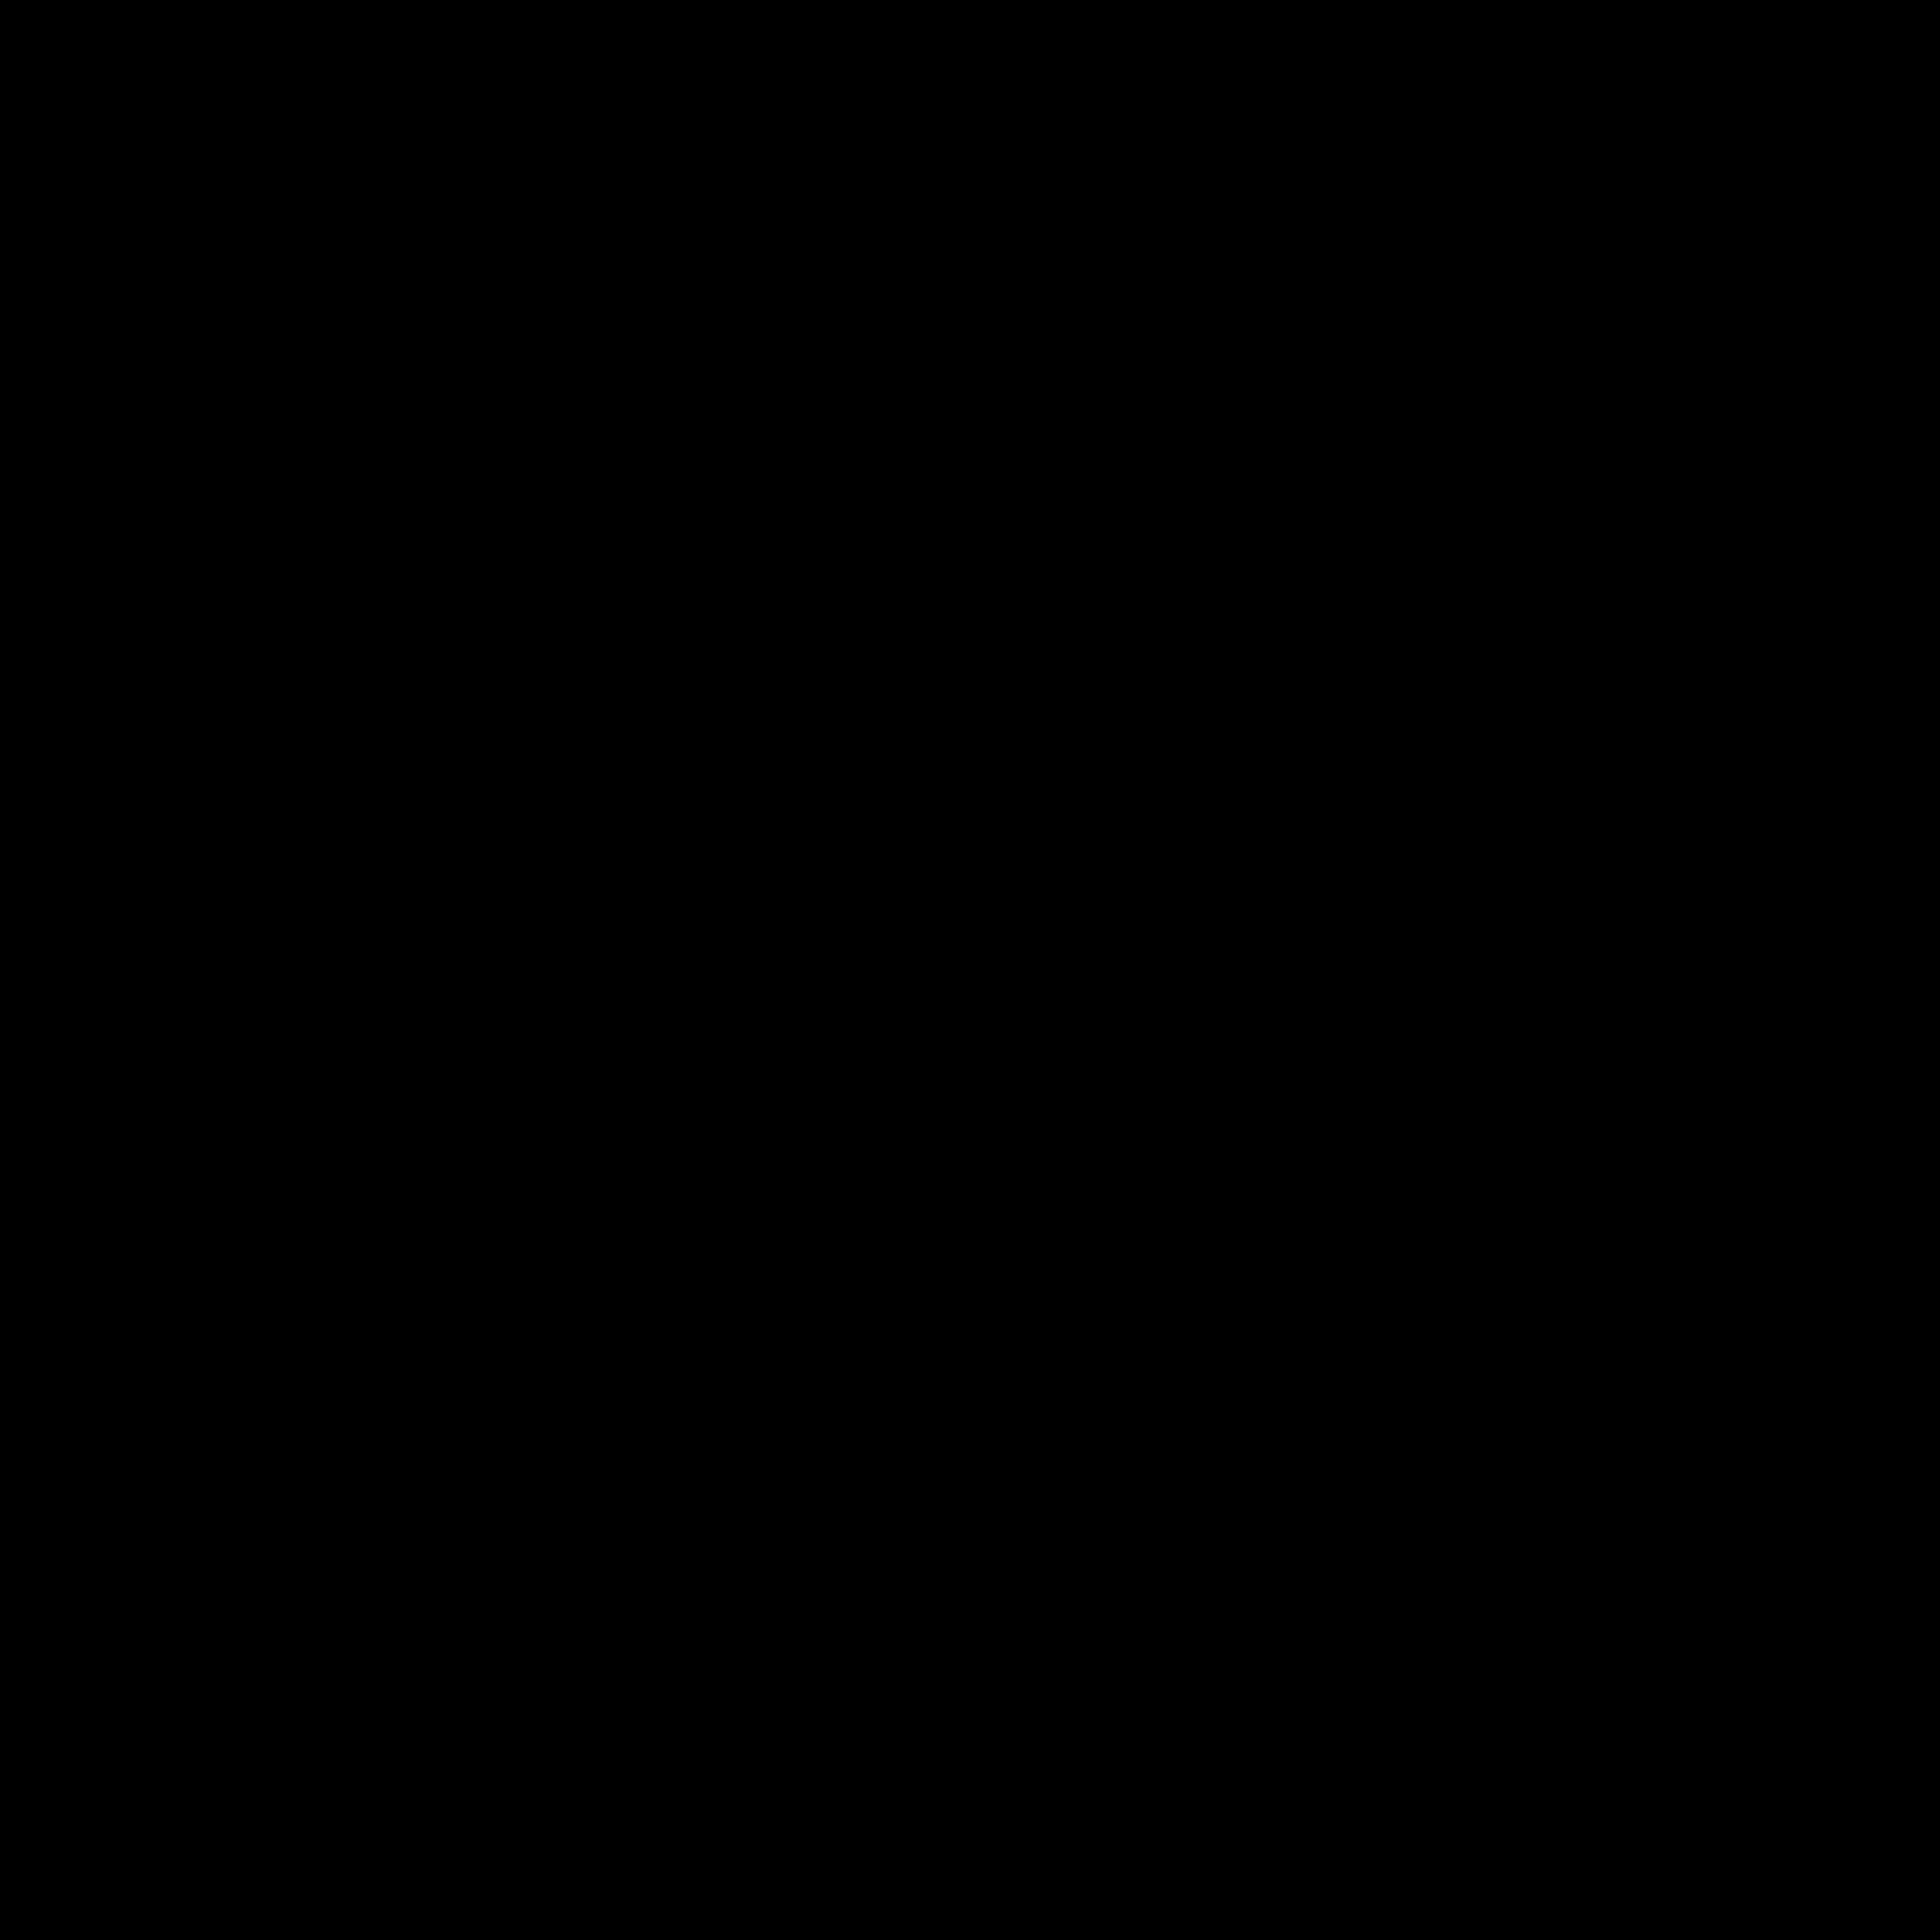 Skater ink